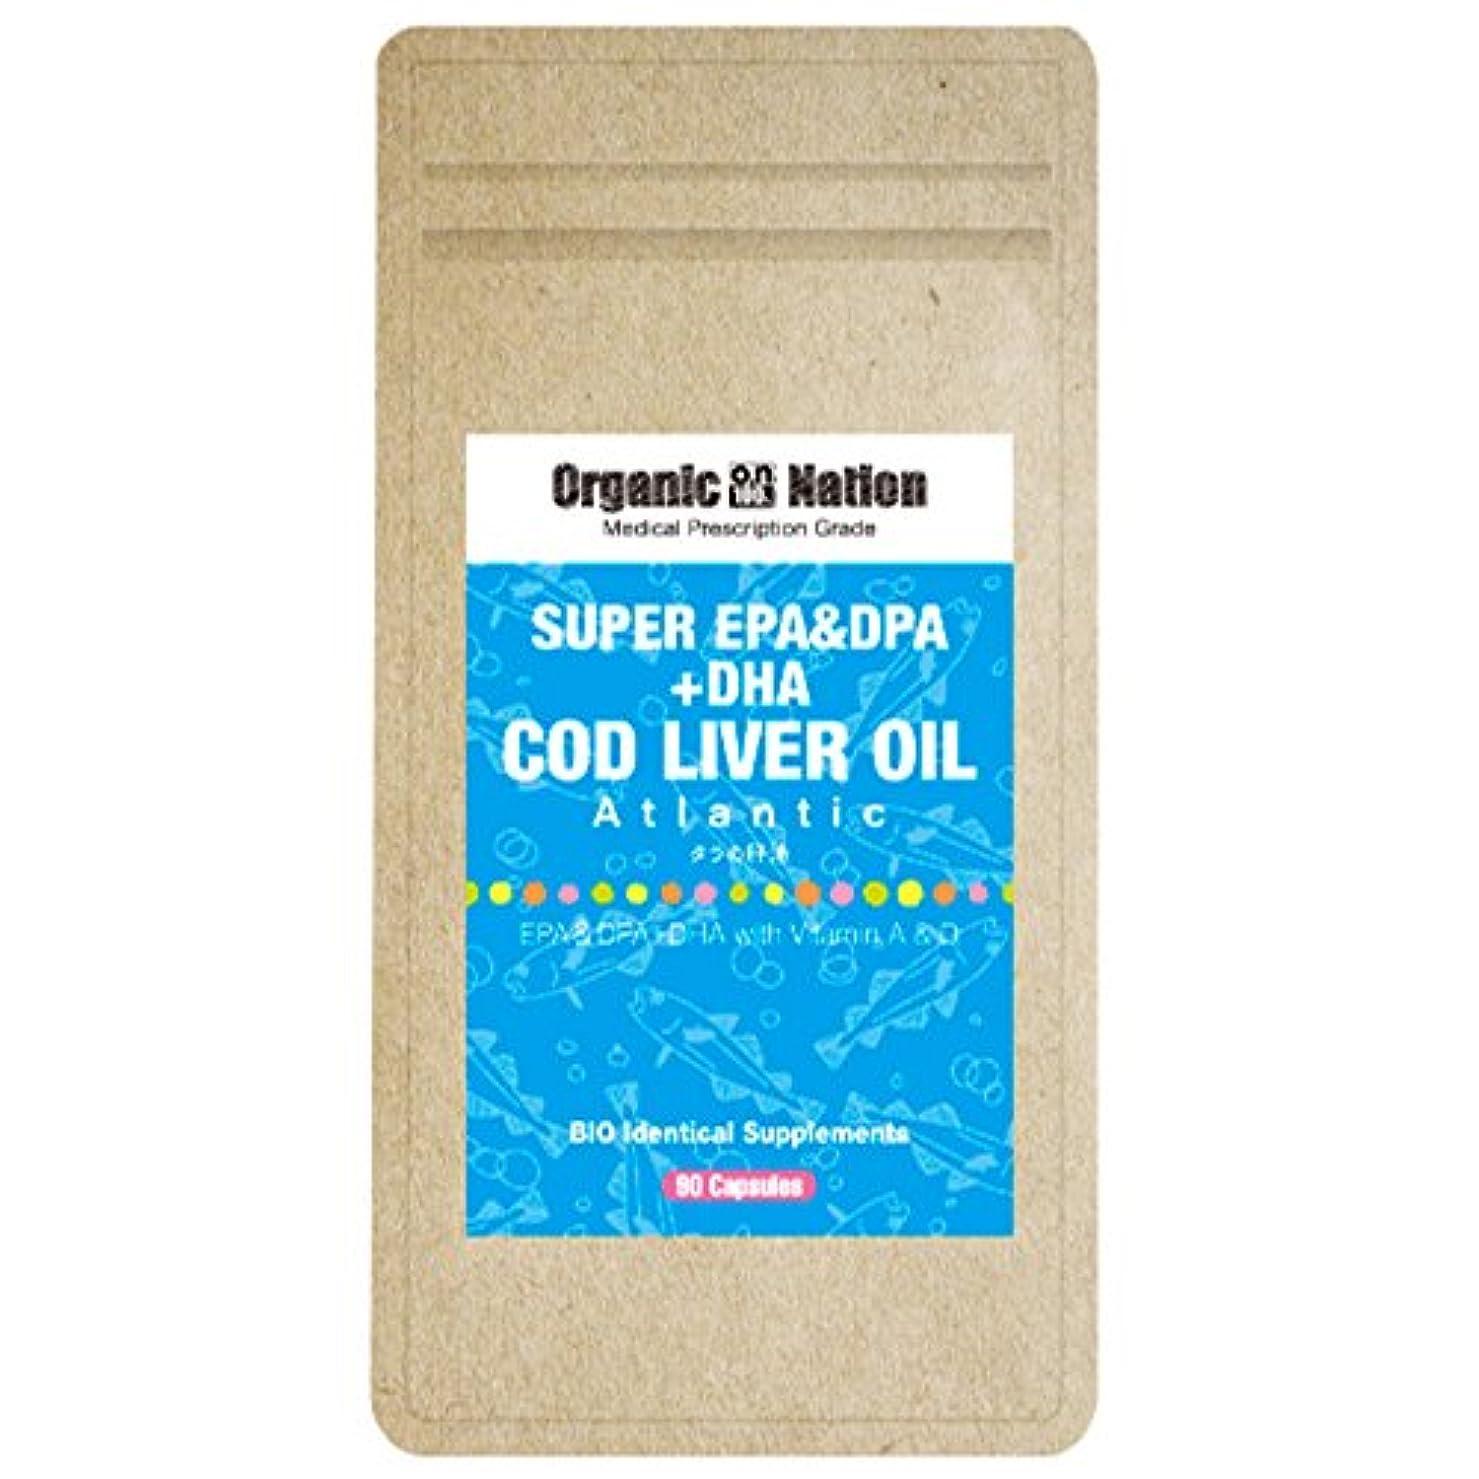 クリエイティブ透過性傭兵Organic Nation スーパーEPA+DPA+DHA タラの肝油 90カプセル